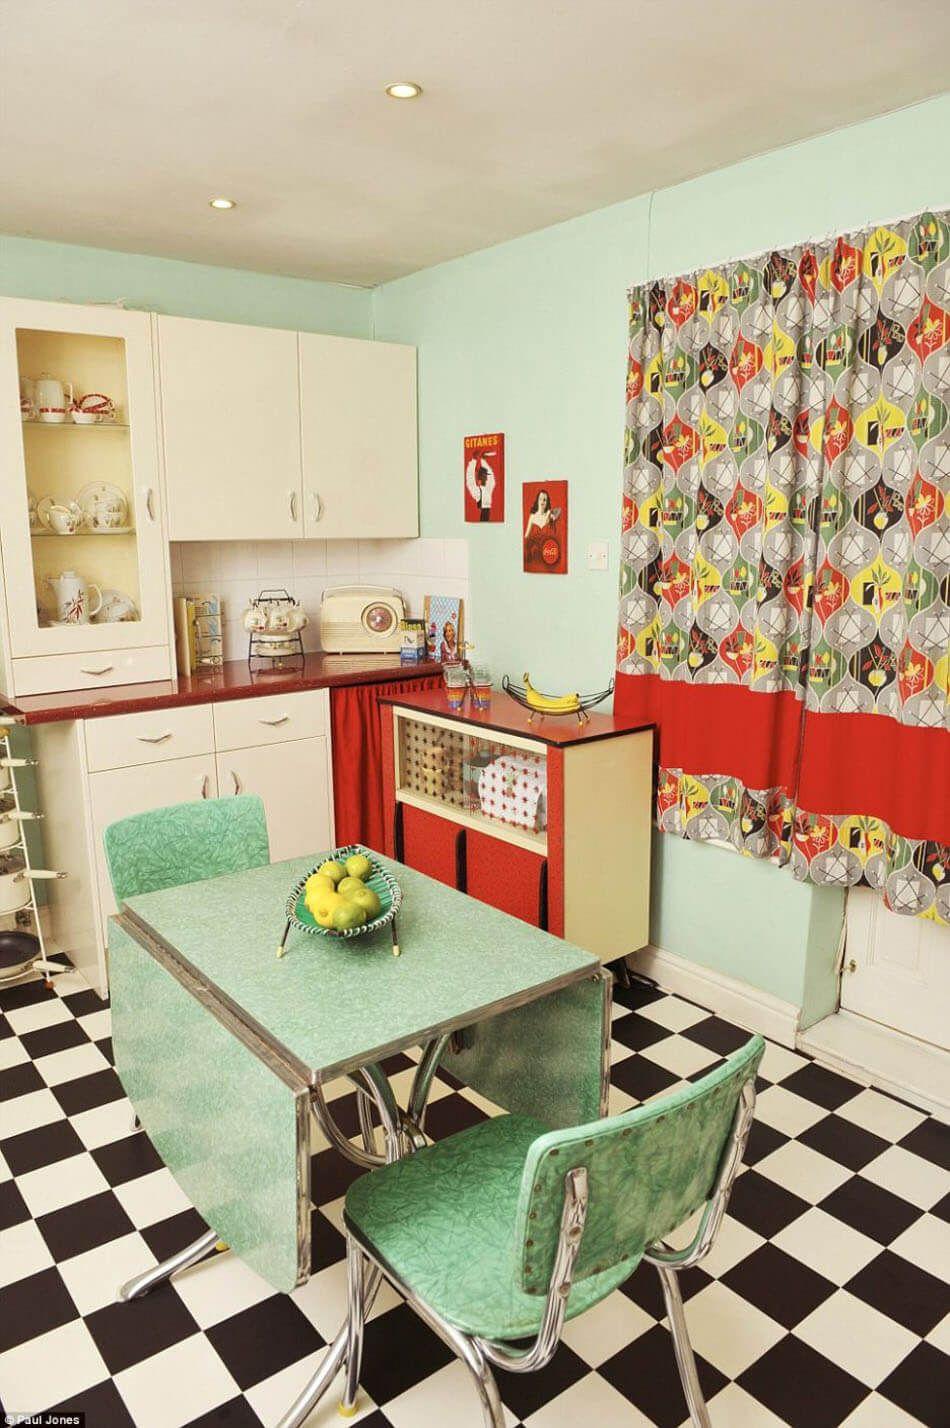 la cuisine retro – vintage garantit un véritable dépaysement vers le